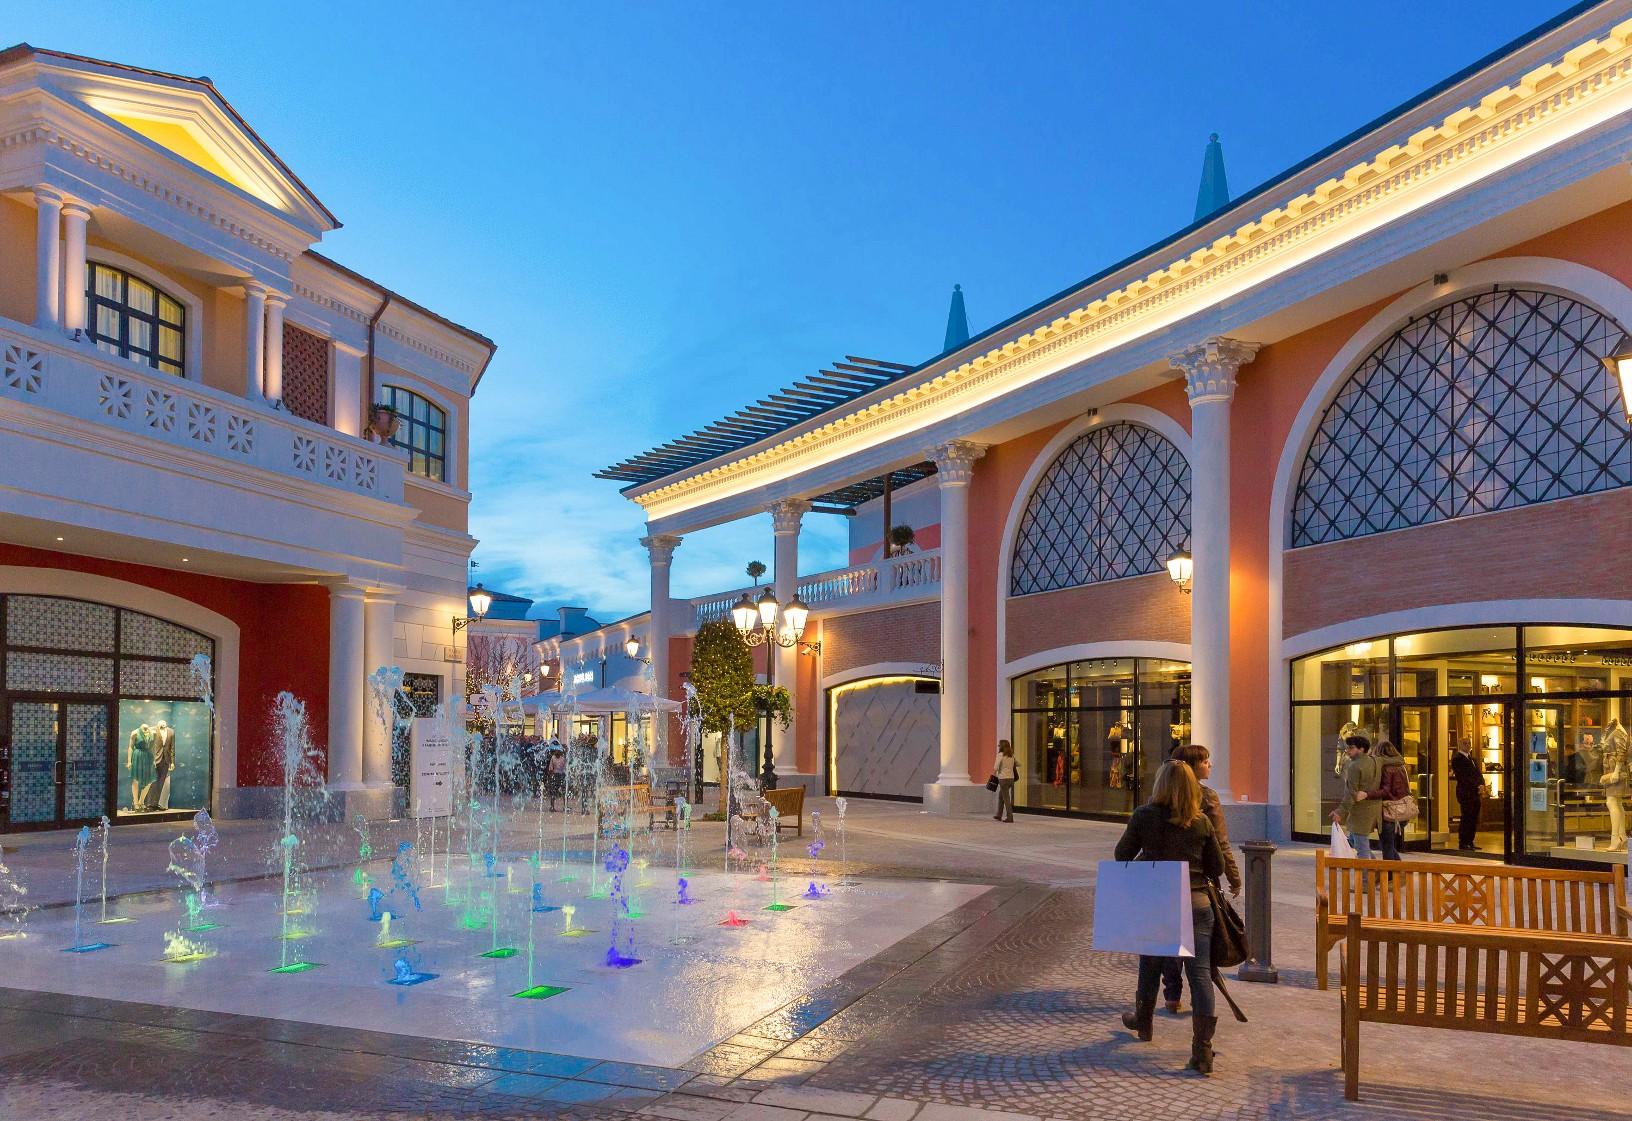 Castel romano designer outlet il villaggio della moda for Citta design outlet